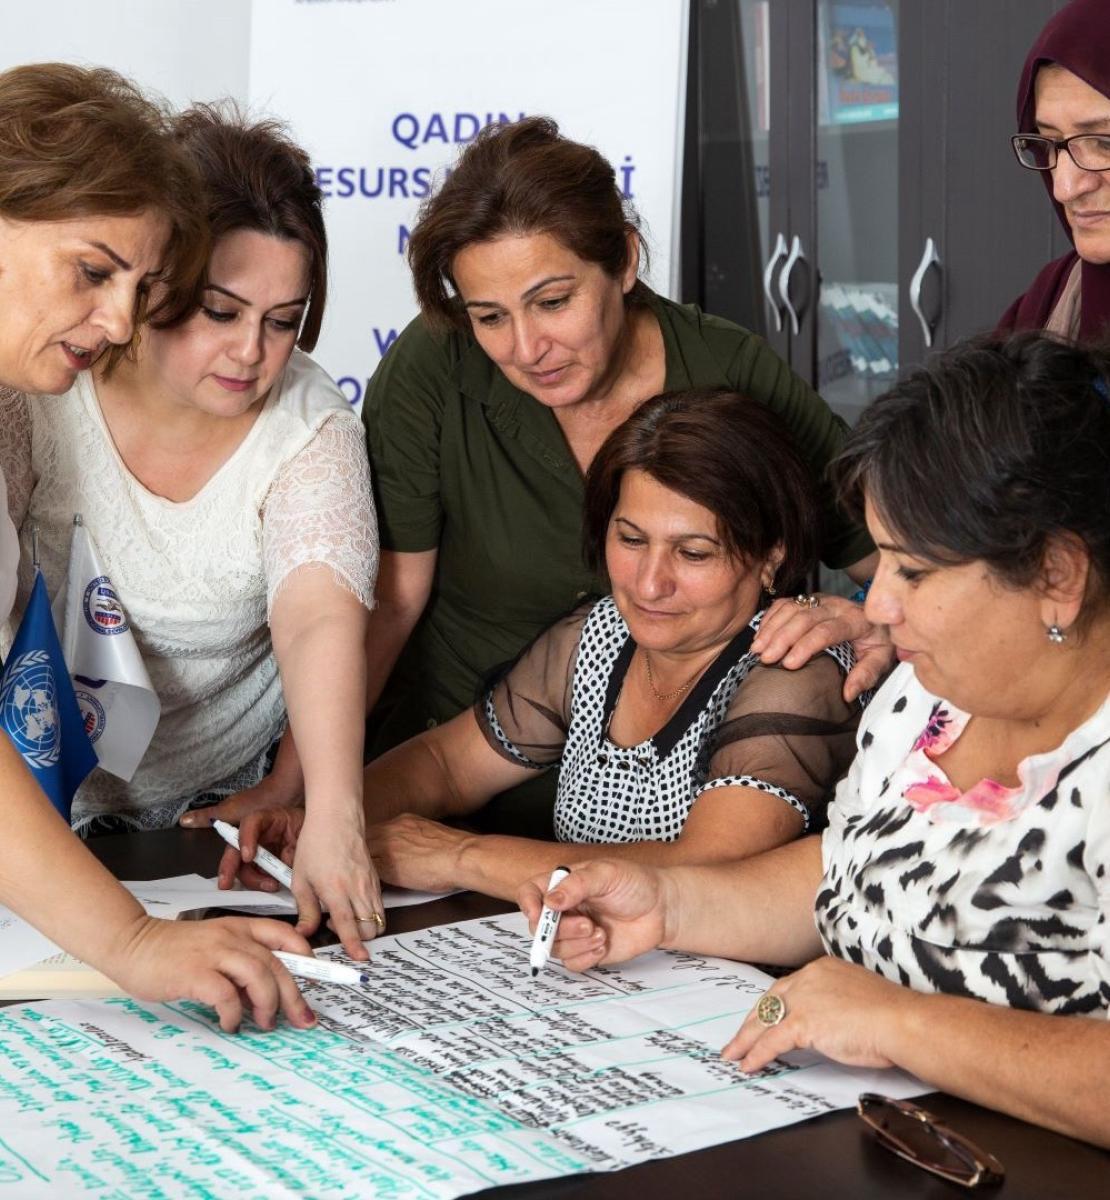 Plusieurs femmes sont regroupées autour d'une table sur laquelle est posée une très grande feuille papier portant des inscriptions. Certaines de ces femmes tiennent un stylo-feutre à la main.